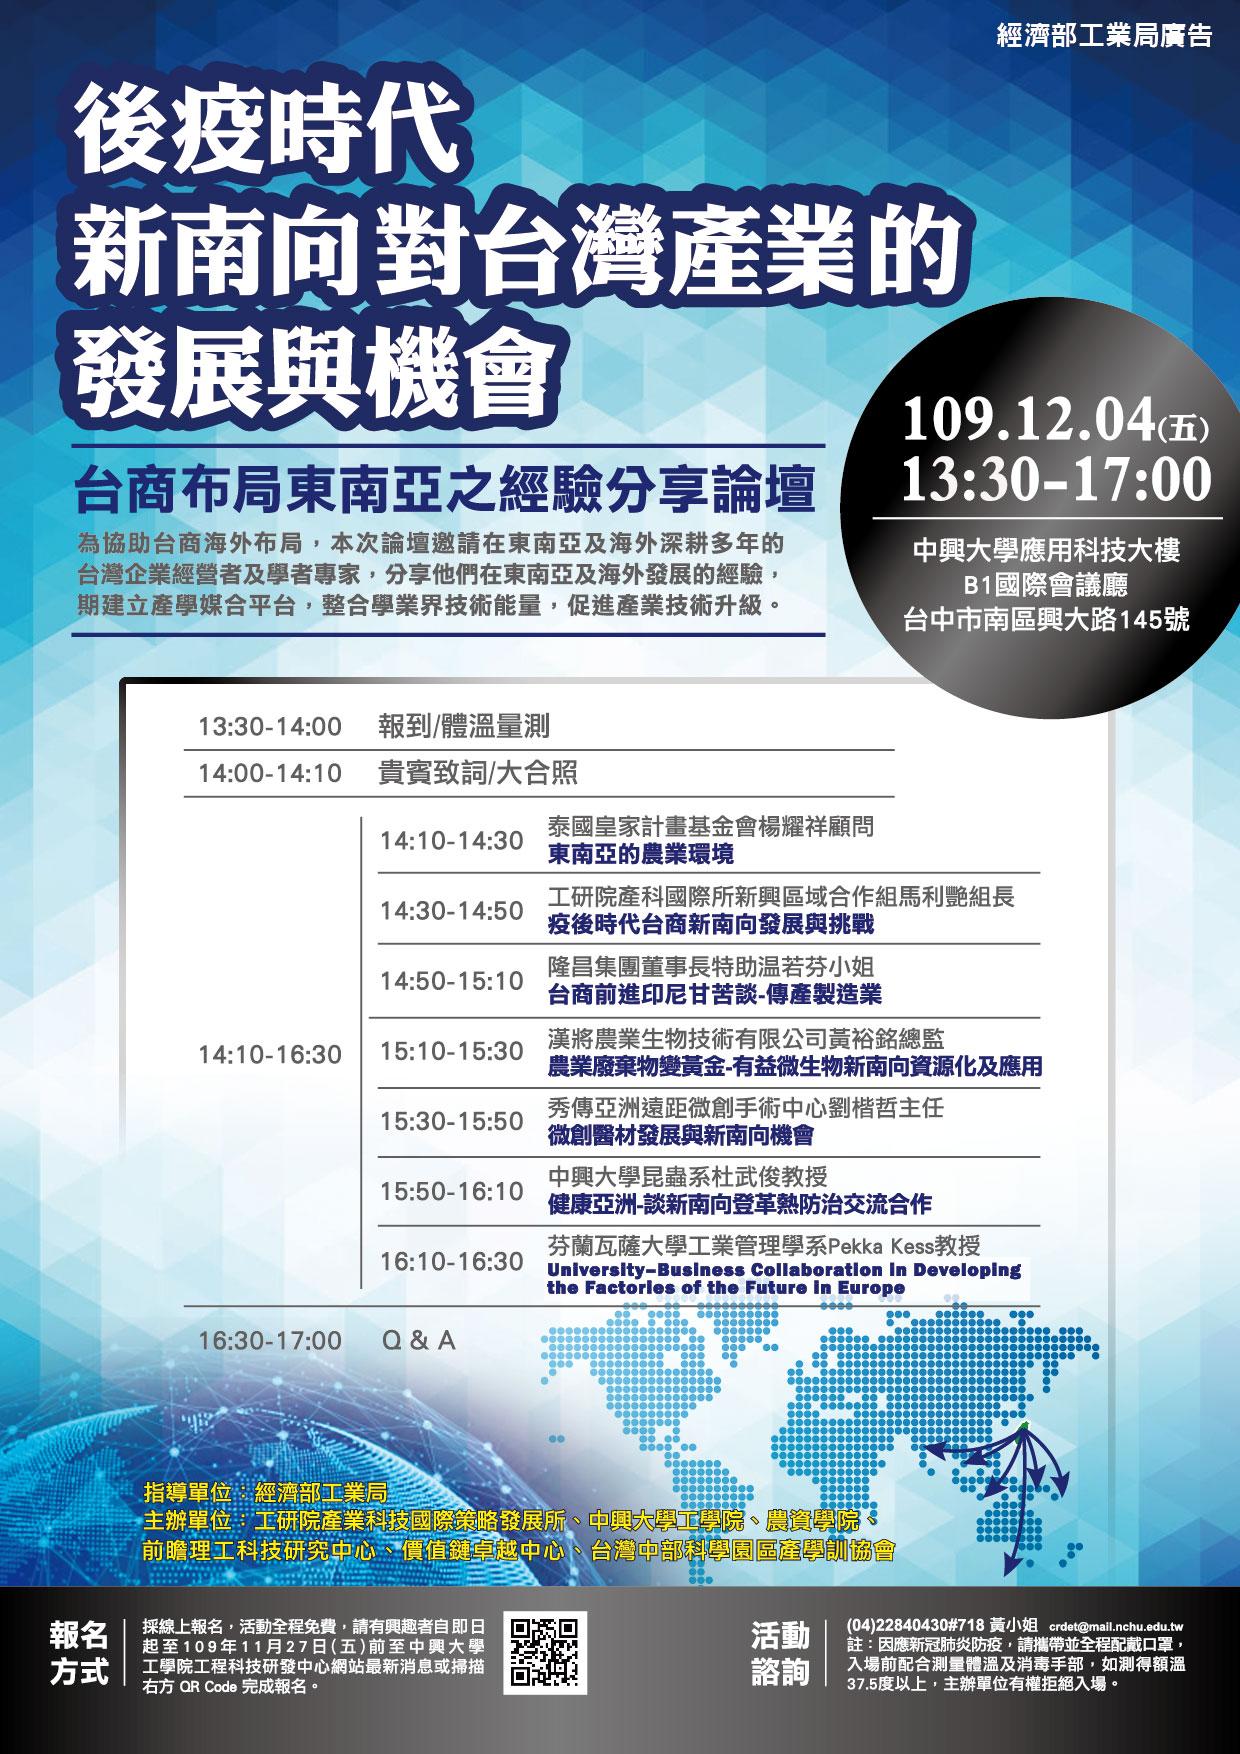 12/4「後疫時代~~新南向對台灣產業的發展與機會(台商布局東南亞之經驗分享論壇)」